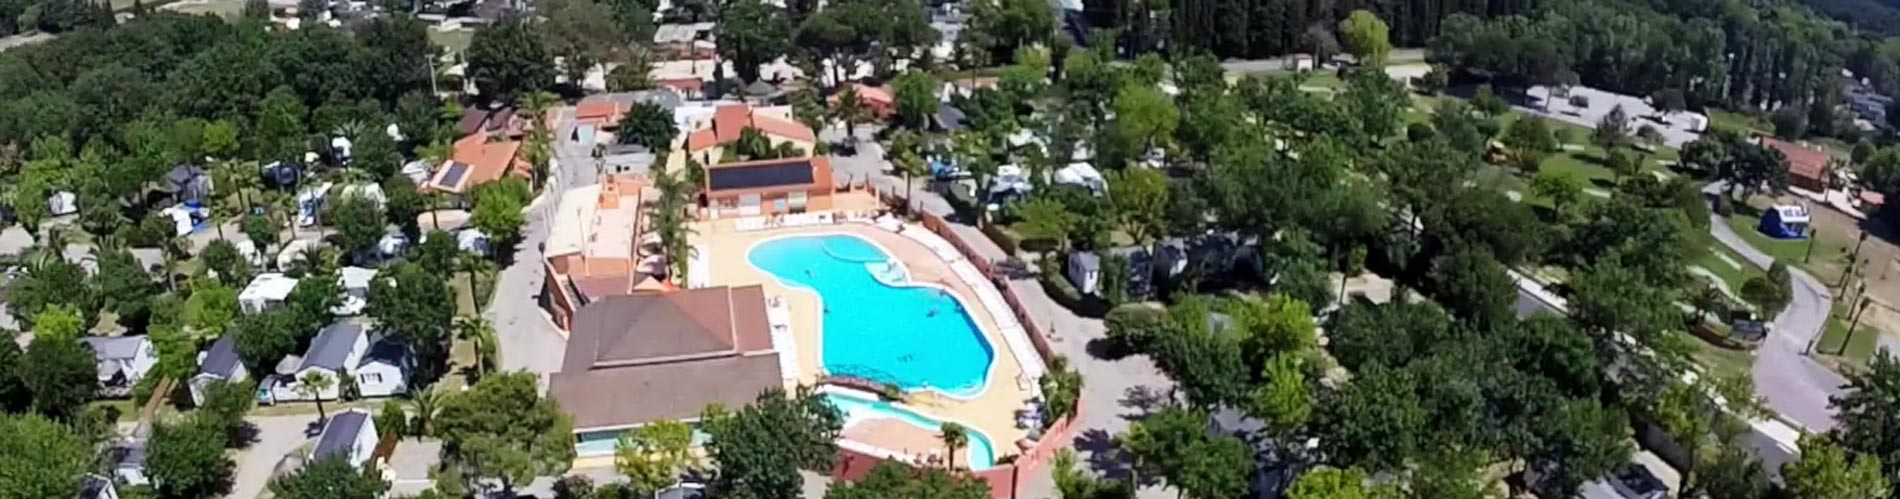 Camping argeles sur mer avec parc aquatique for Camping les vosges avec piscine